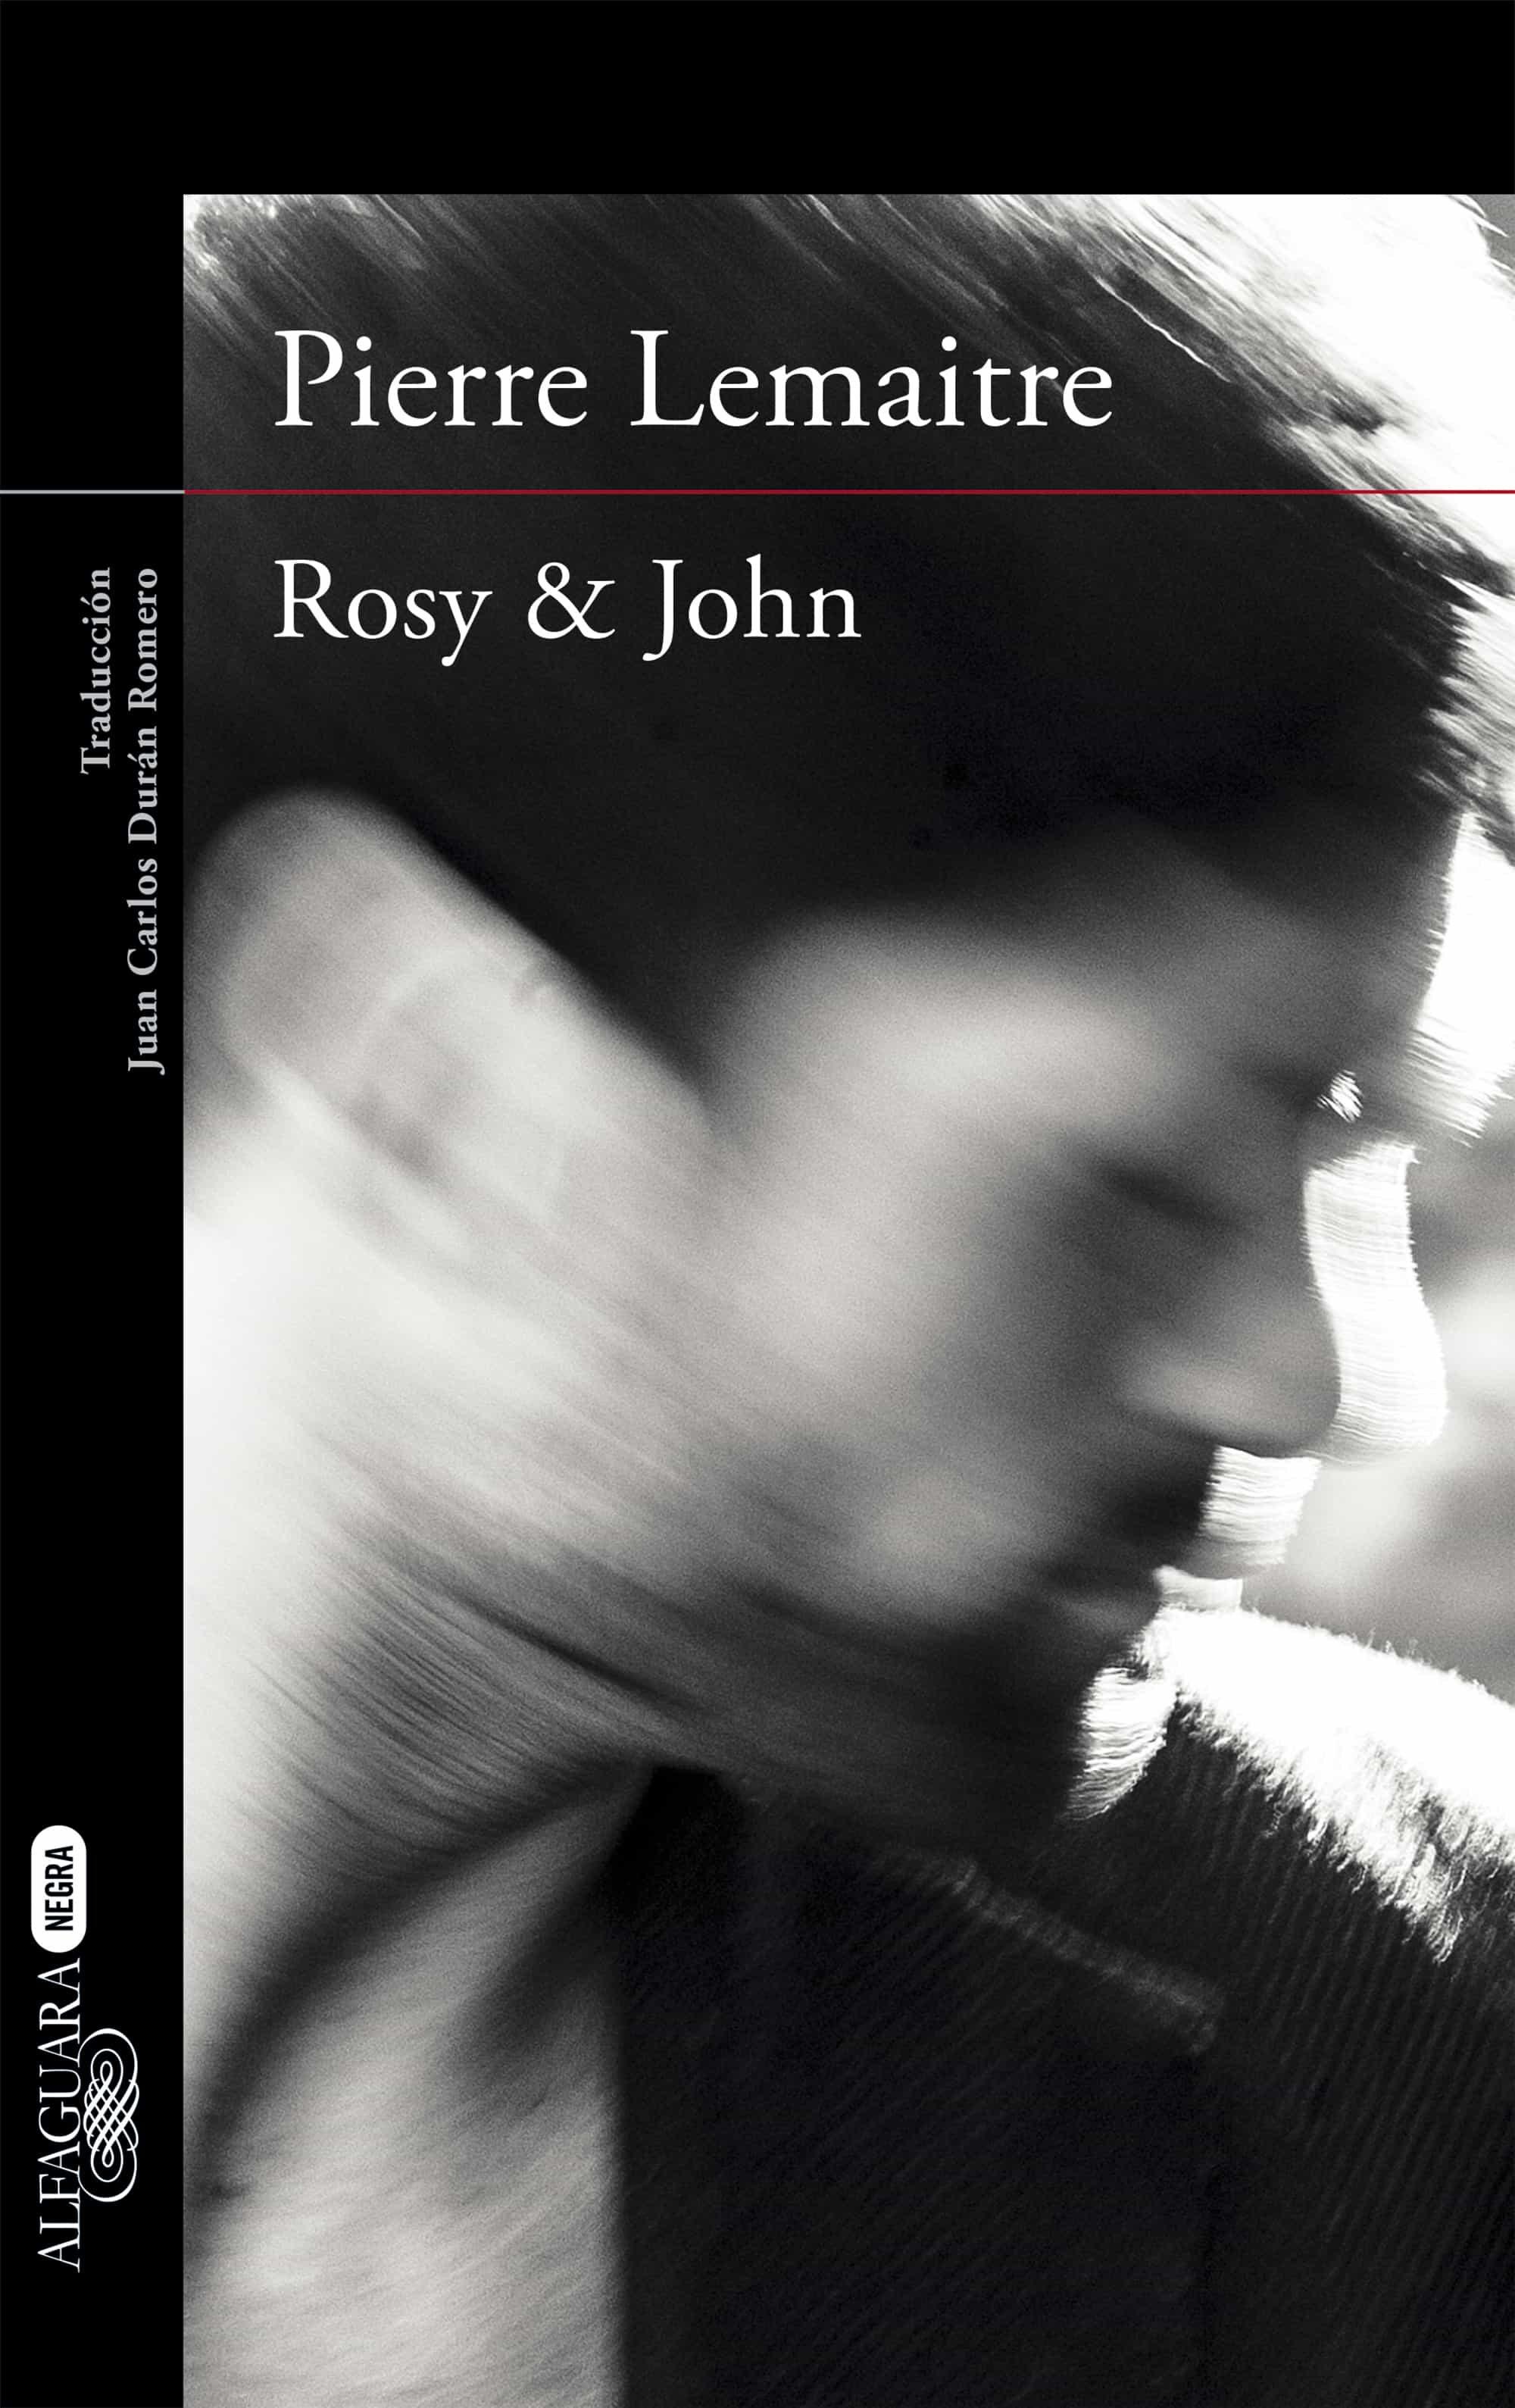 rosy & john (serie camille verhoeven 3) | pierre lemaitre | comprar